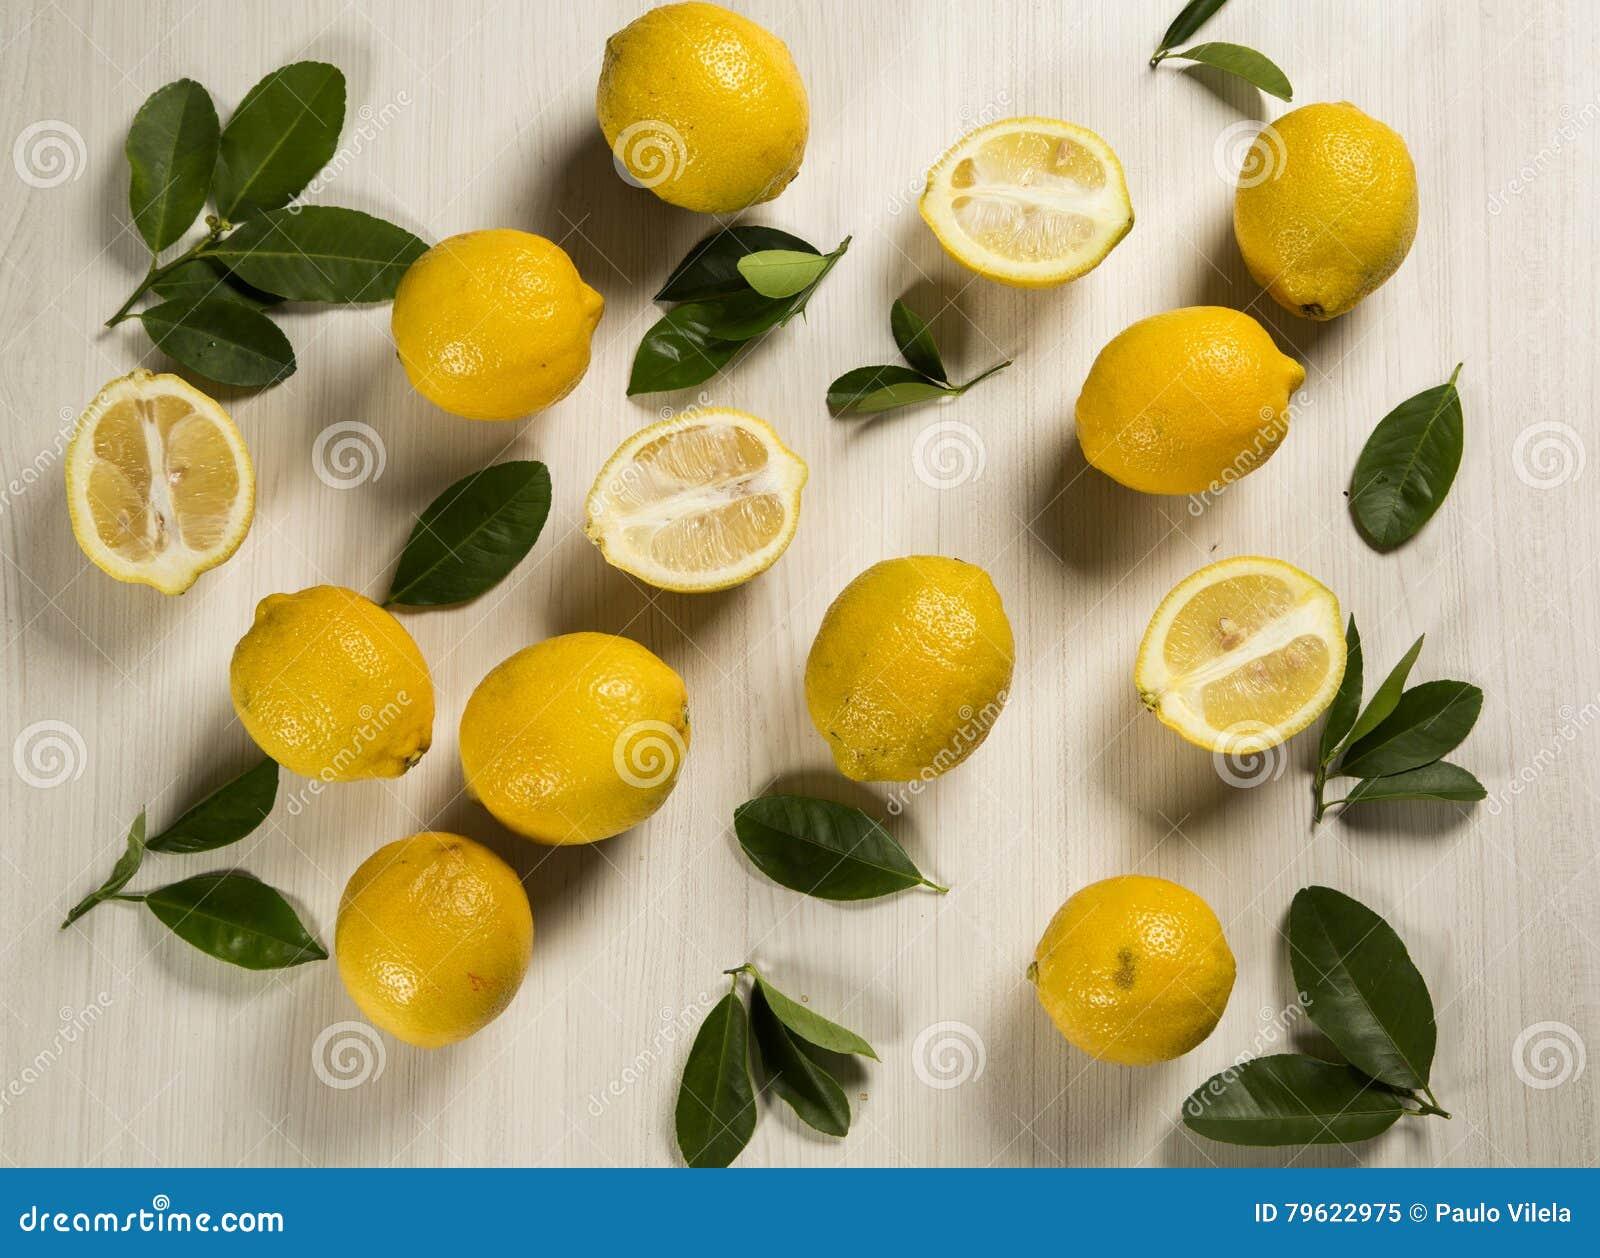 Limões frescos na tabela de madeira branca, vista superior